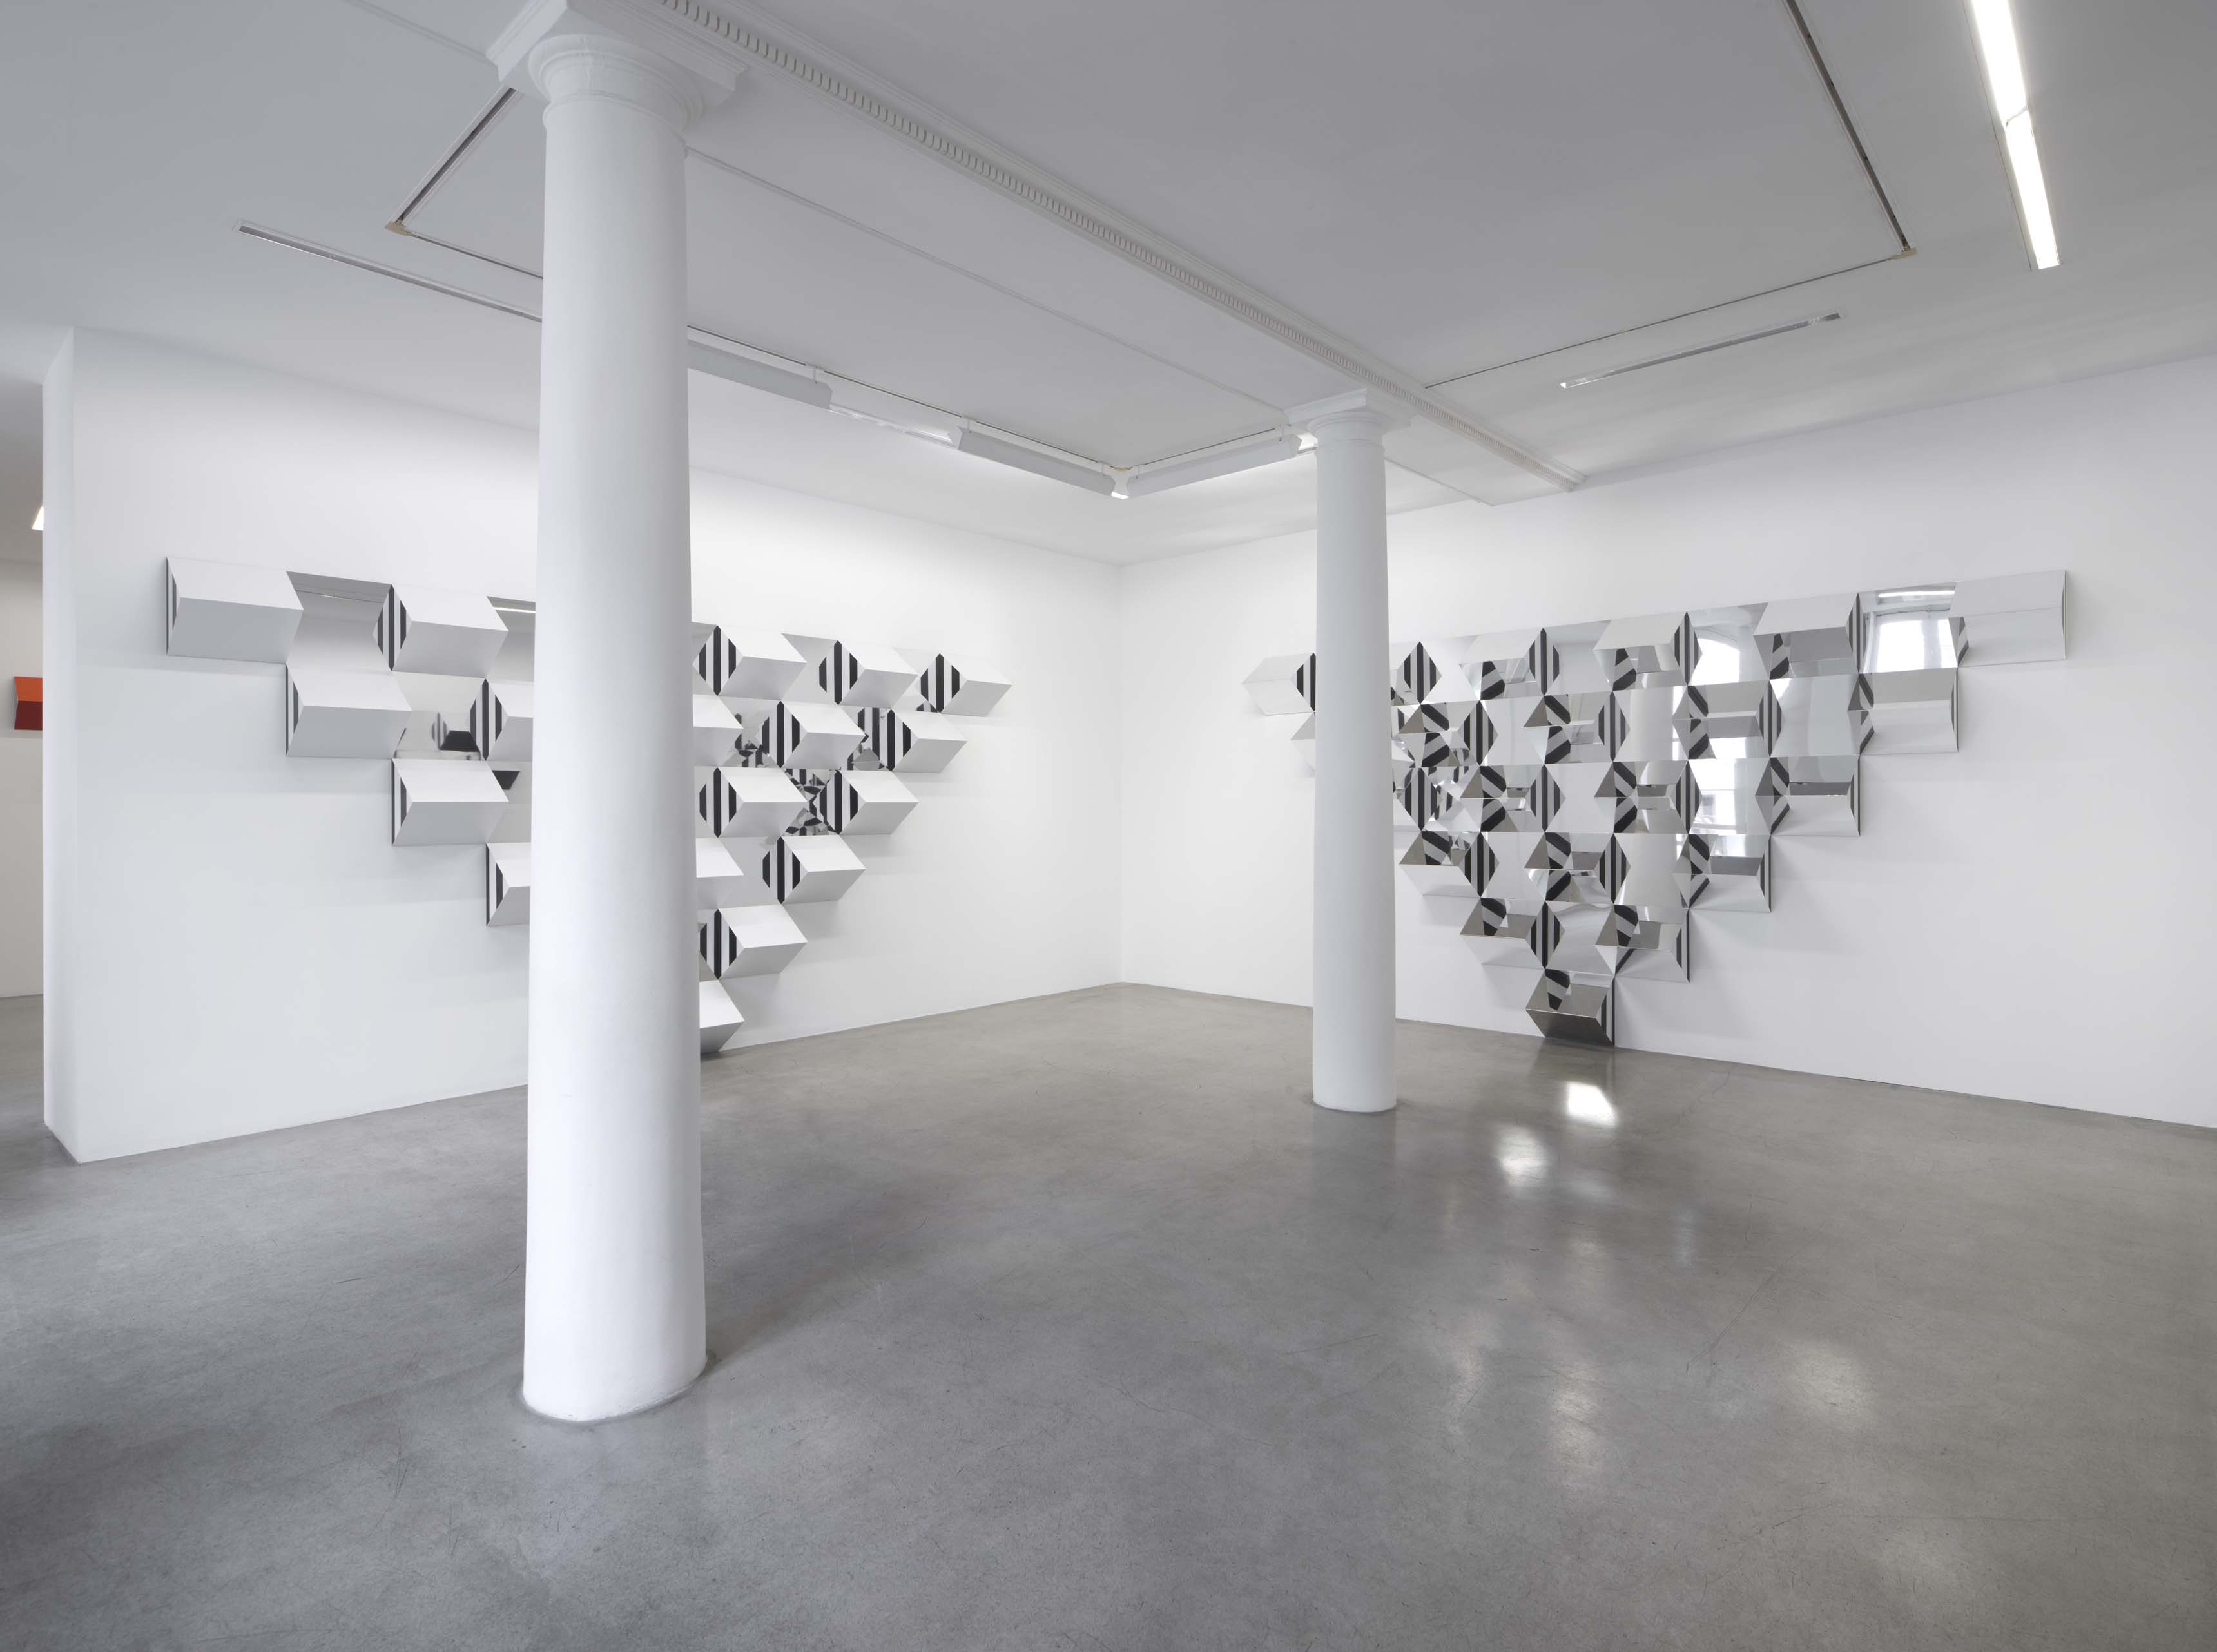 Vue de l'exposition / View of the exhibition « Pyramidal, hauts-reliefs, travaux in situ et situés, 2017 », Kamel Mennour (47 rue Saint‑André des arts), Paris, 2017